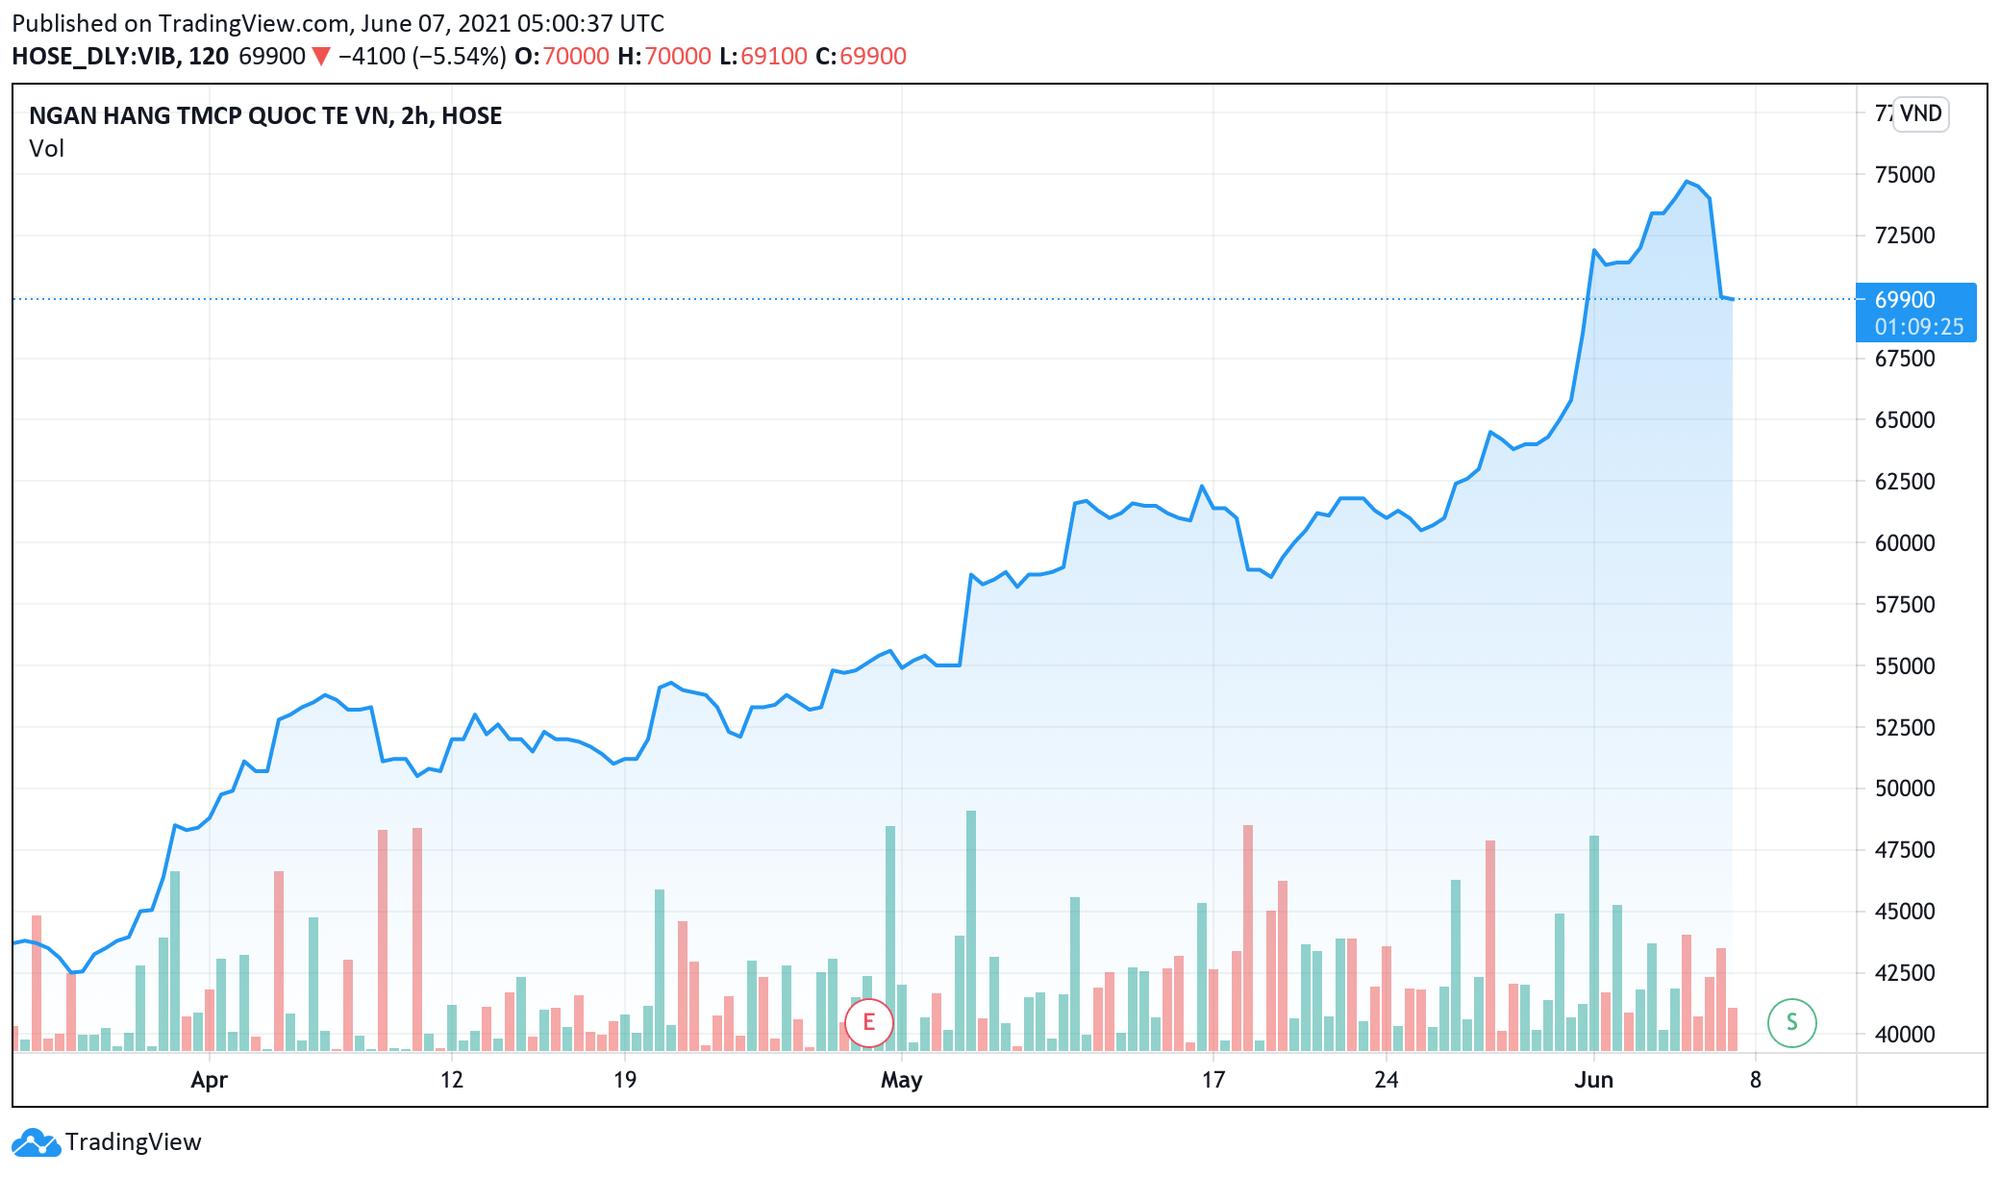 Chủ sở hữu Mì 3 miền bán thành công 3 triệu cổ phiếu VIB dự thu hàng trăm tỉ đồng - Ảnh 1.